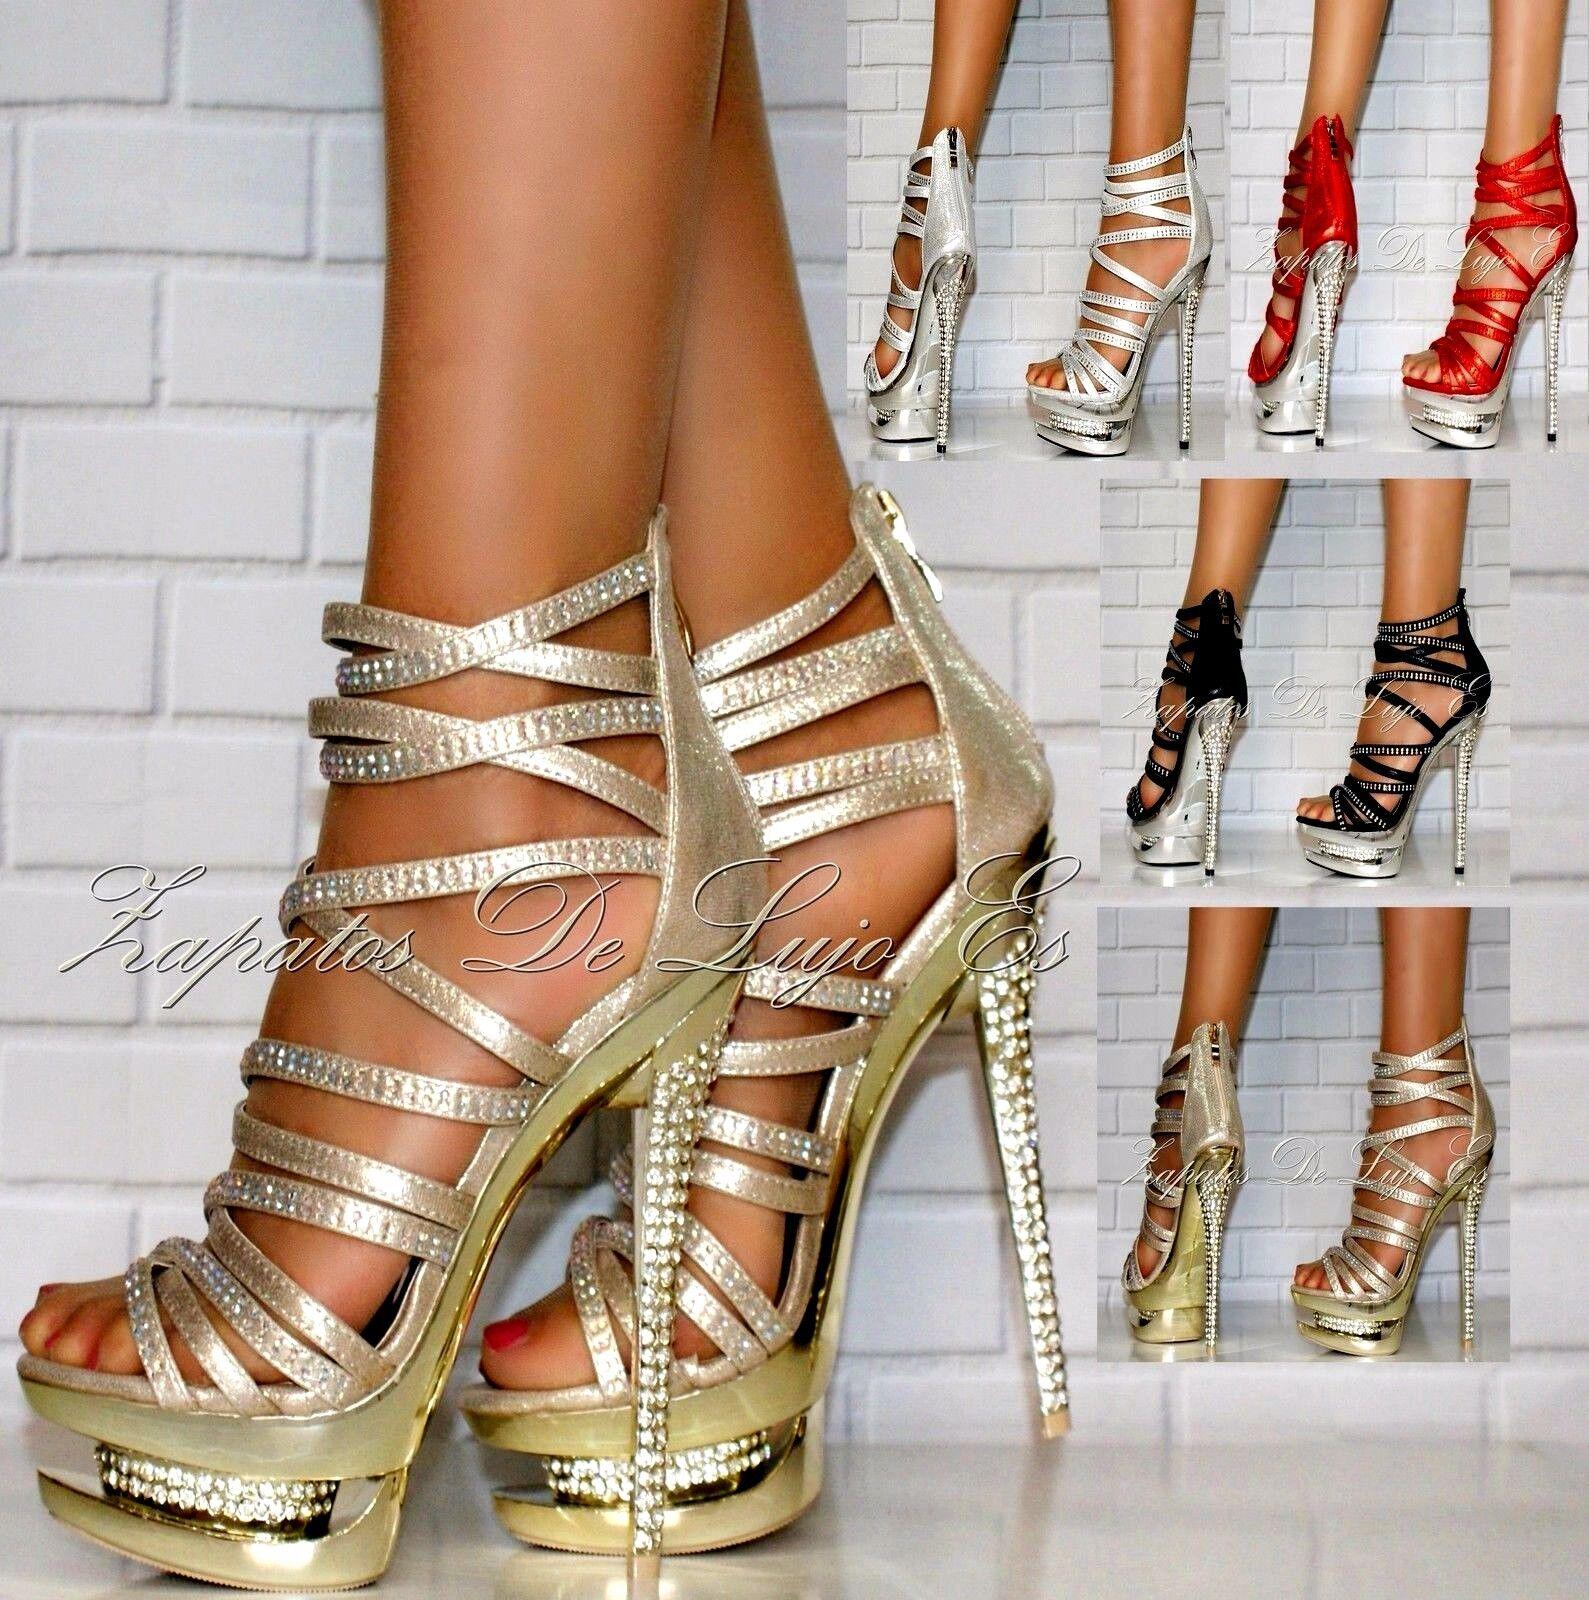 Espectaculares zapatos de fiestaZapatos de tacónnuevos 35-40  - tallas - 35-40 tacónnuevos 2e7dd3